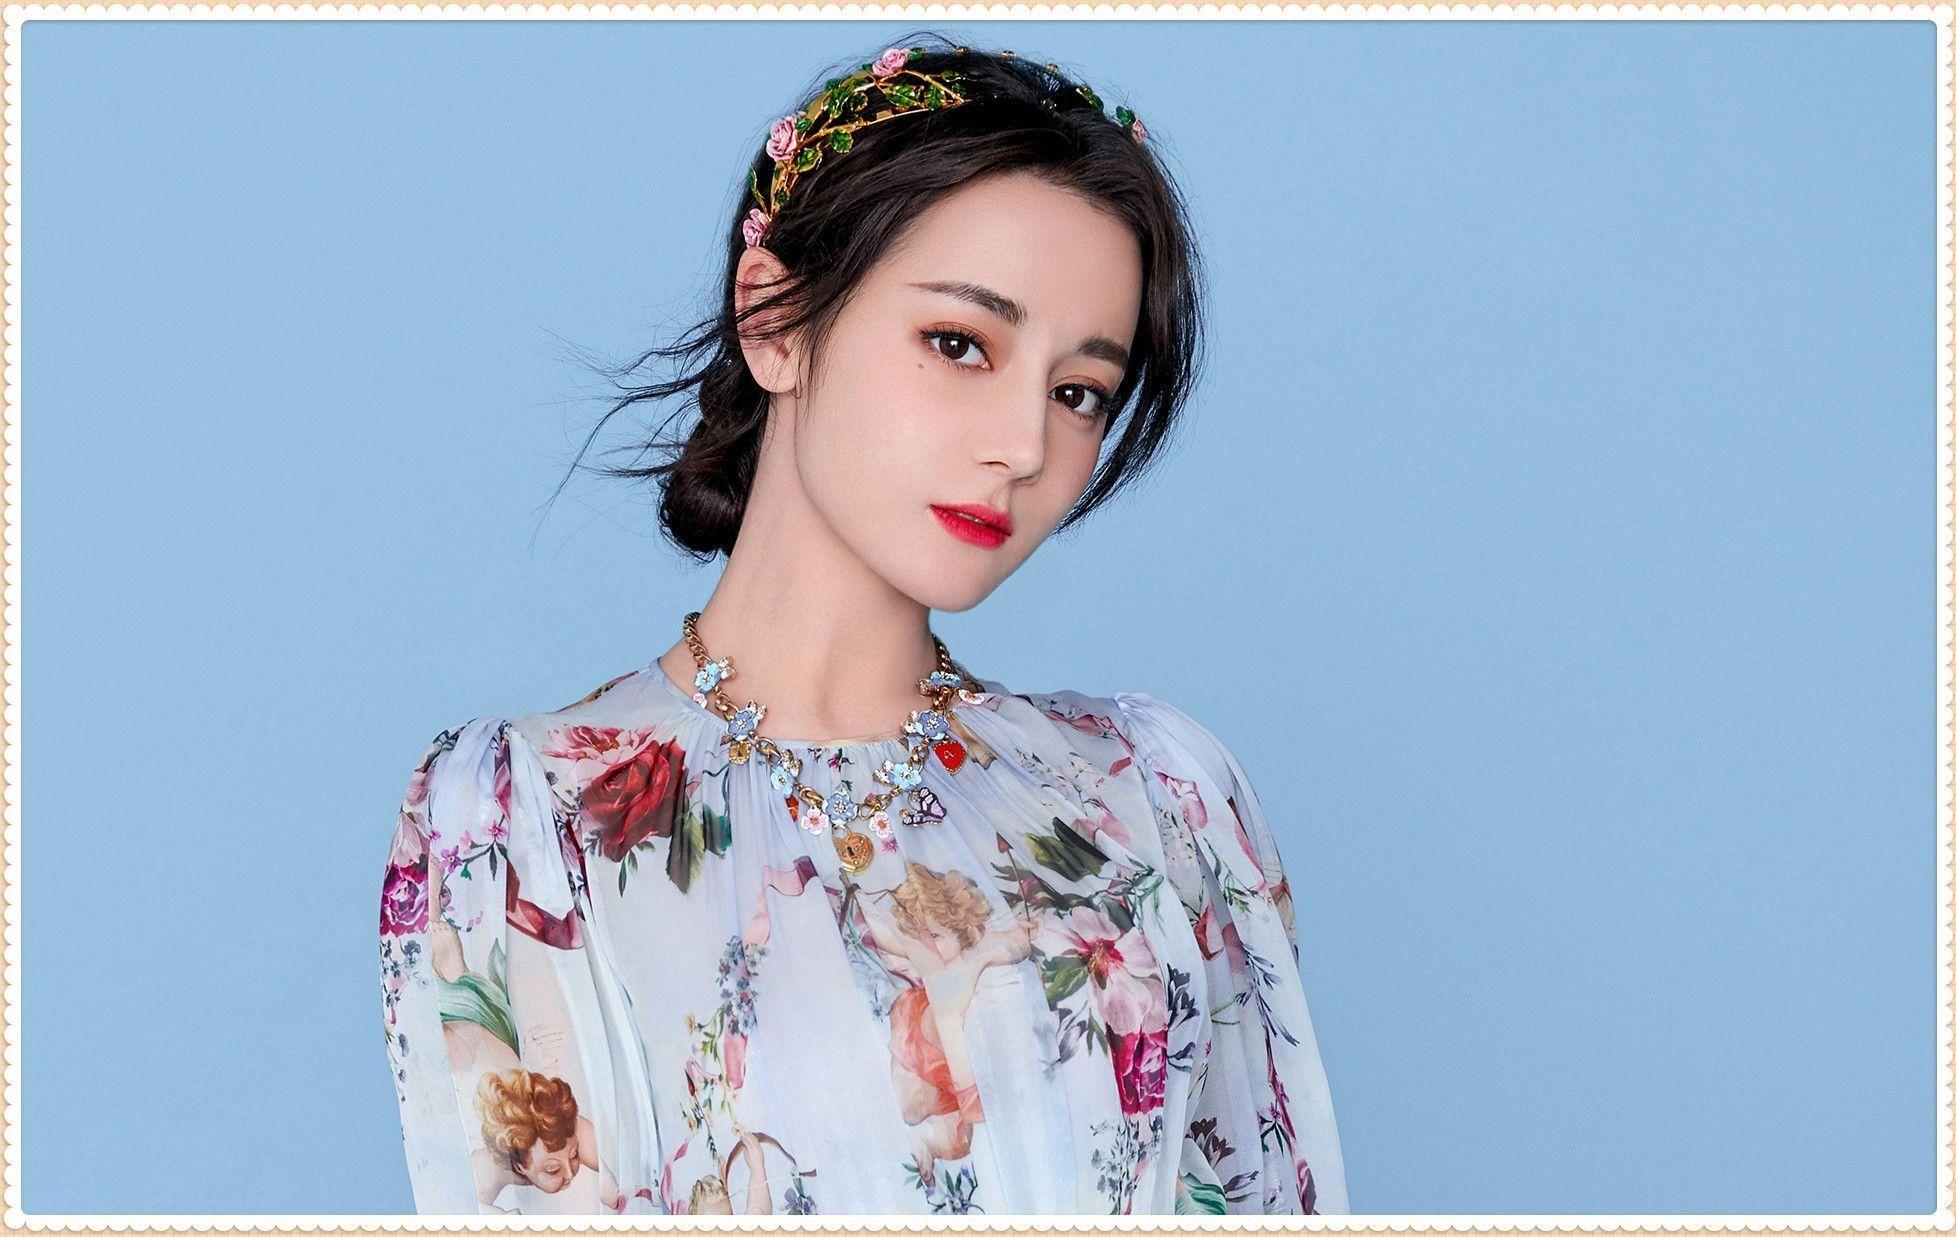 看了迪丽热巴的碎花裙,再看陈都灵,才知美艳脸和清纯脸哪个更美